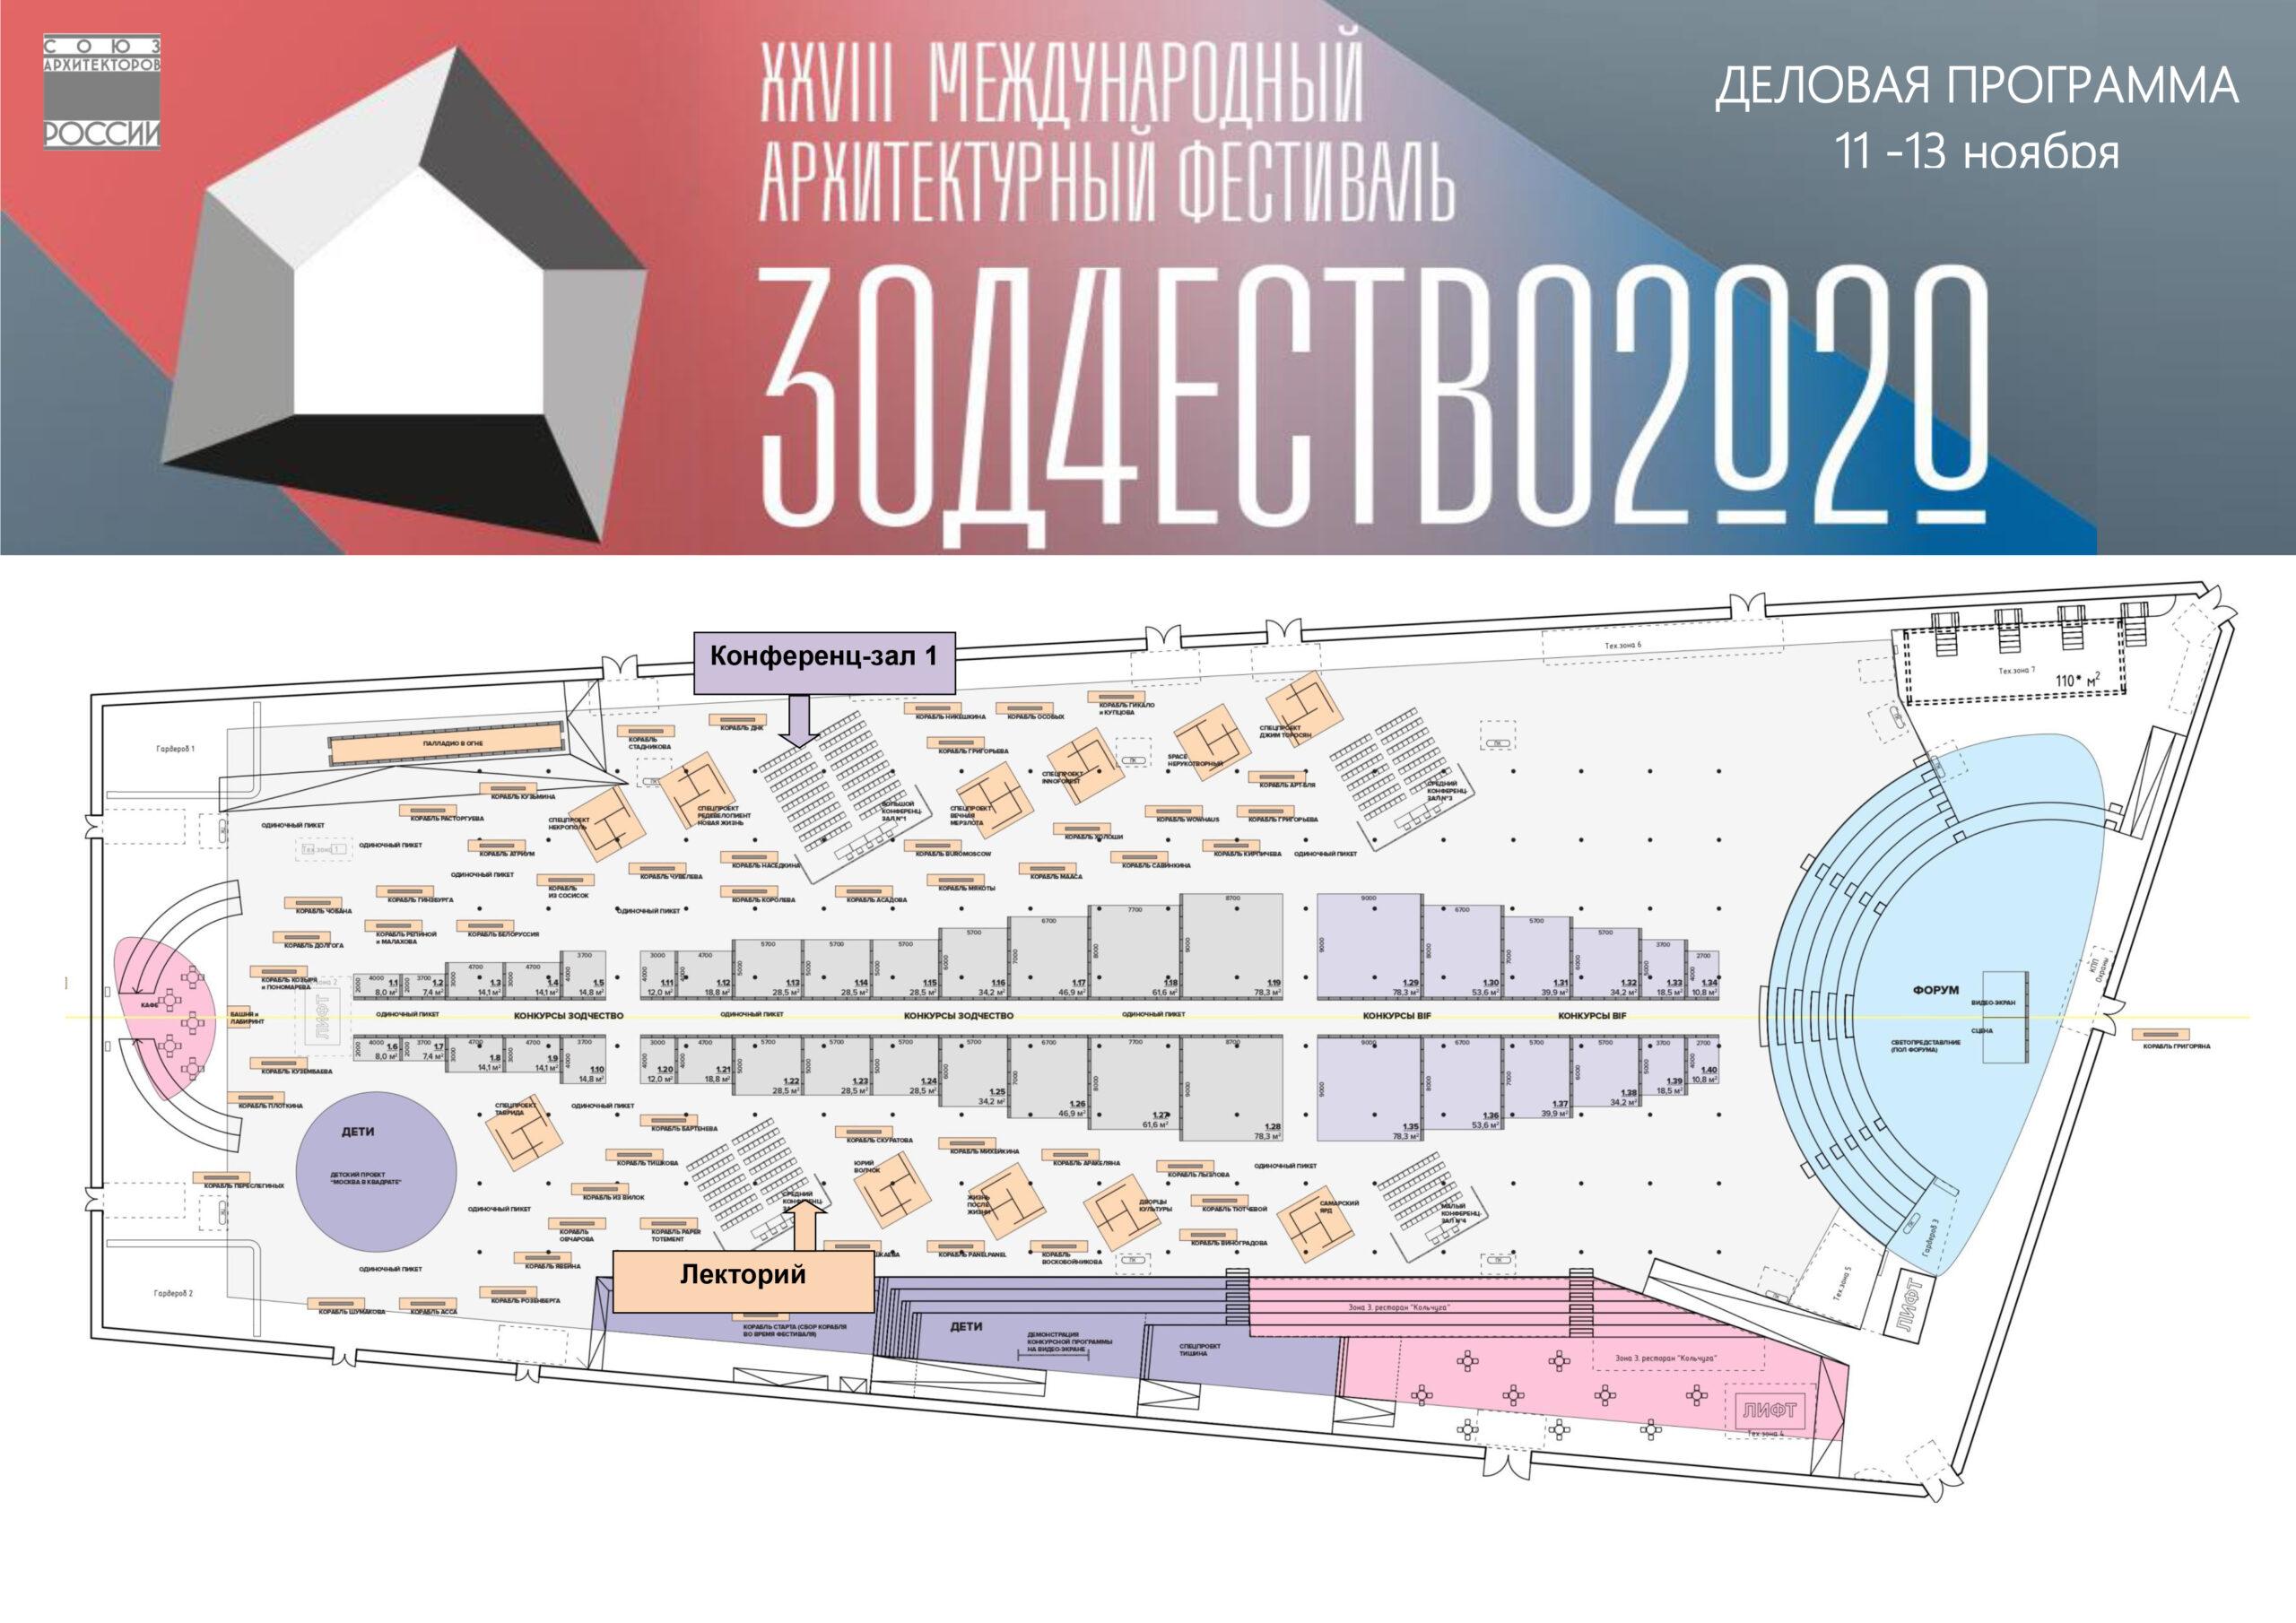 Итоги смотров-конкурсов в рамках фестиваля «Зодчество 2020»